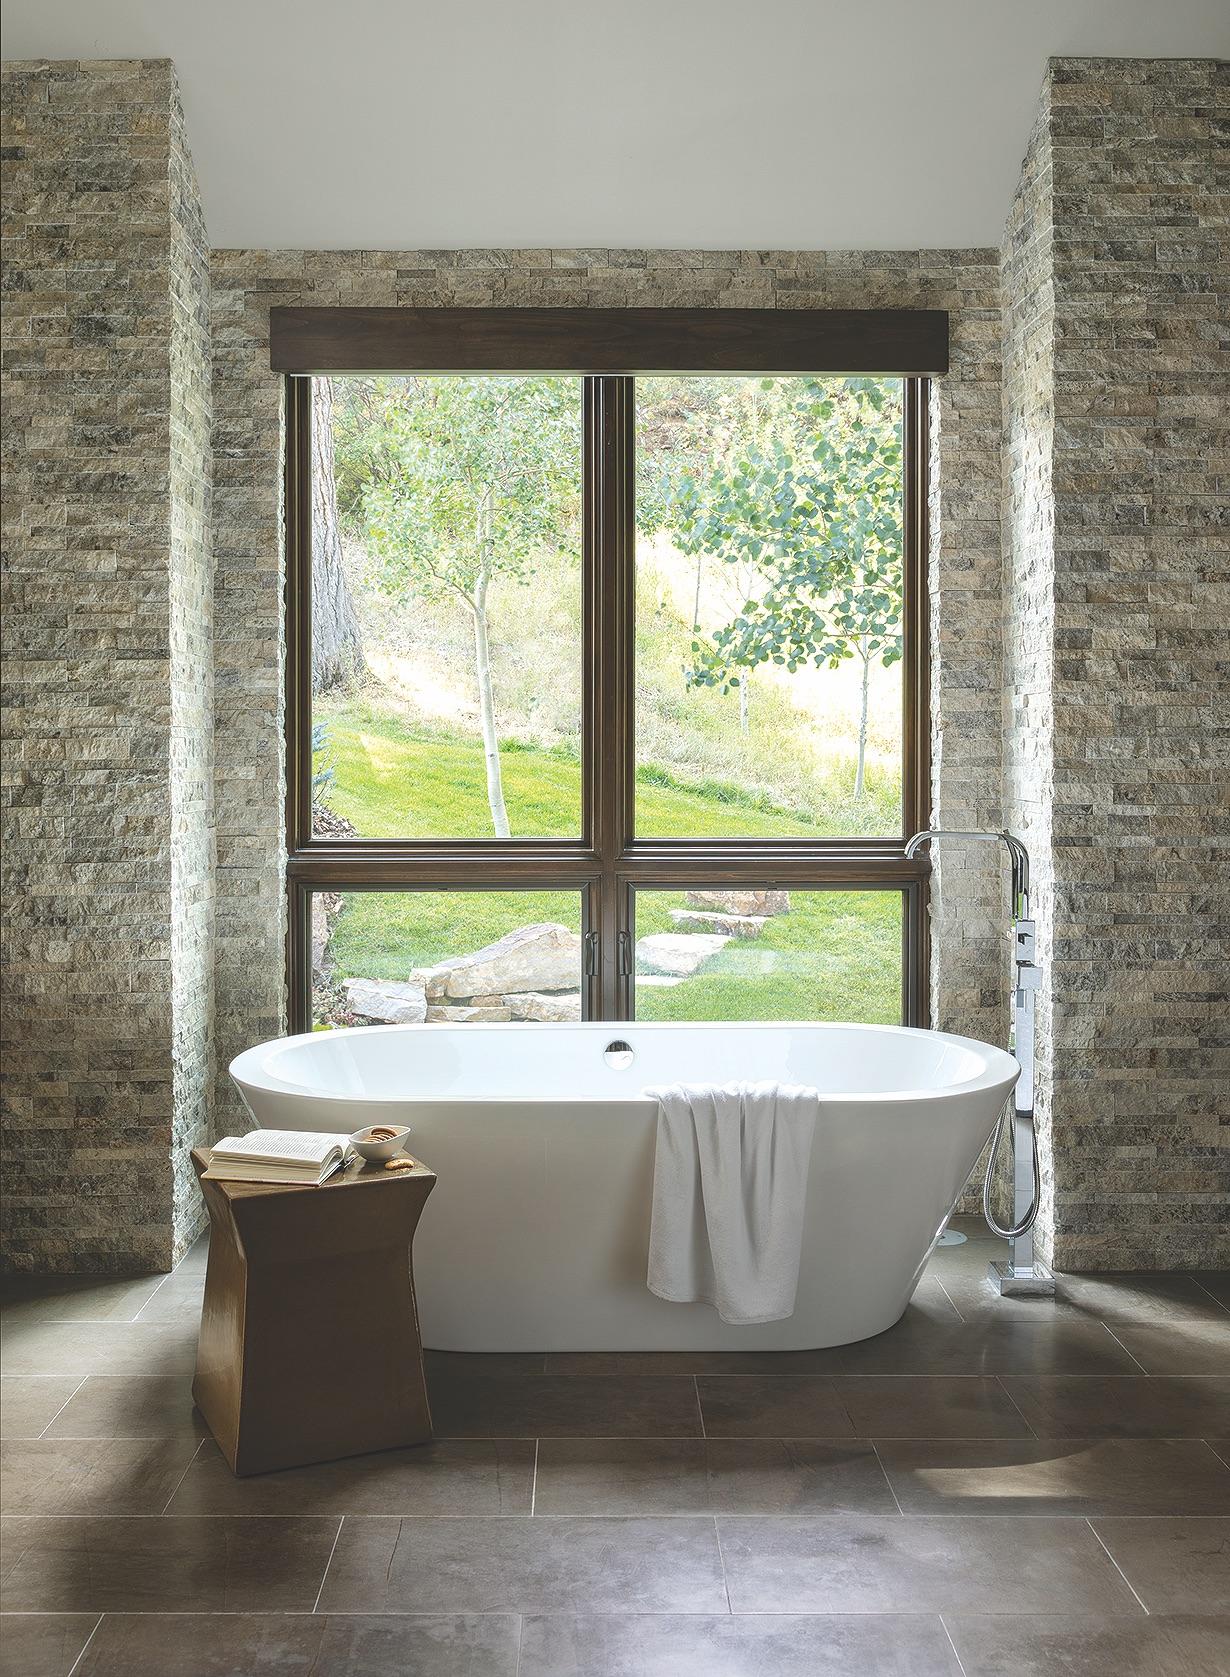 Interiors Tub